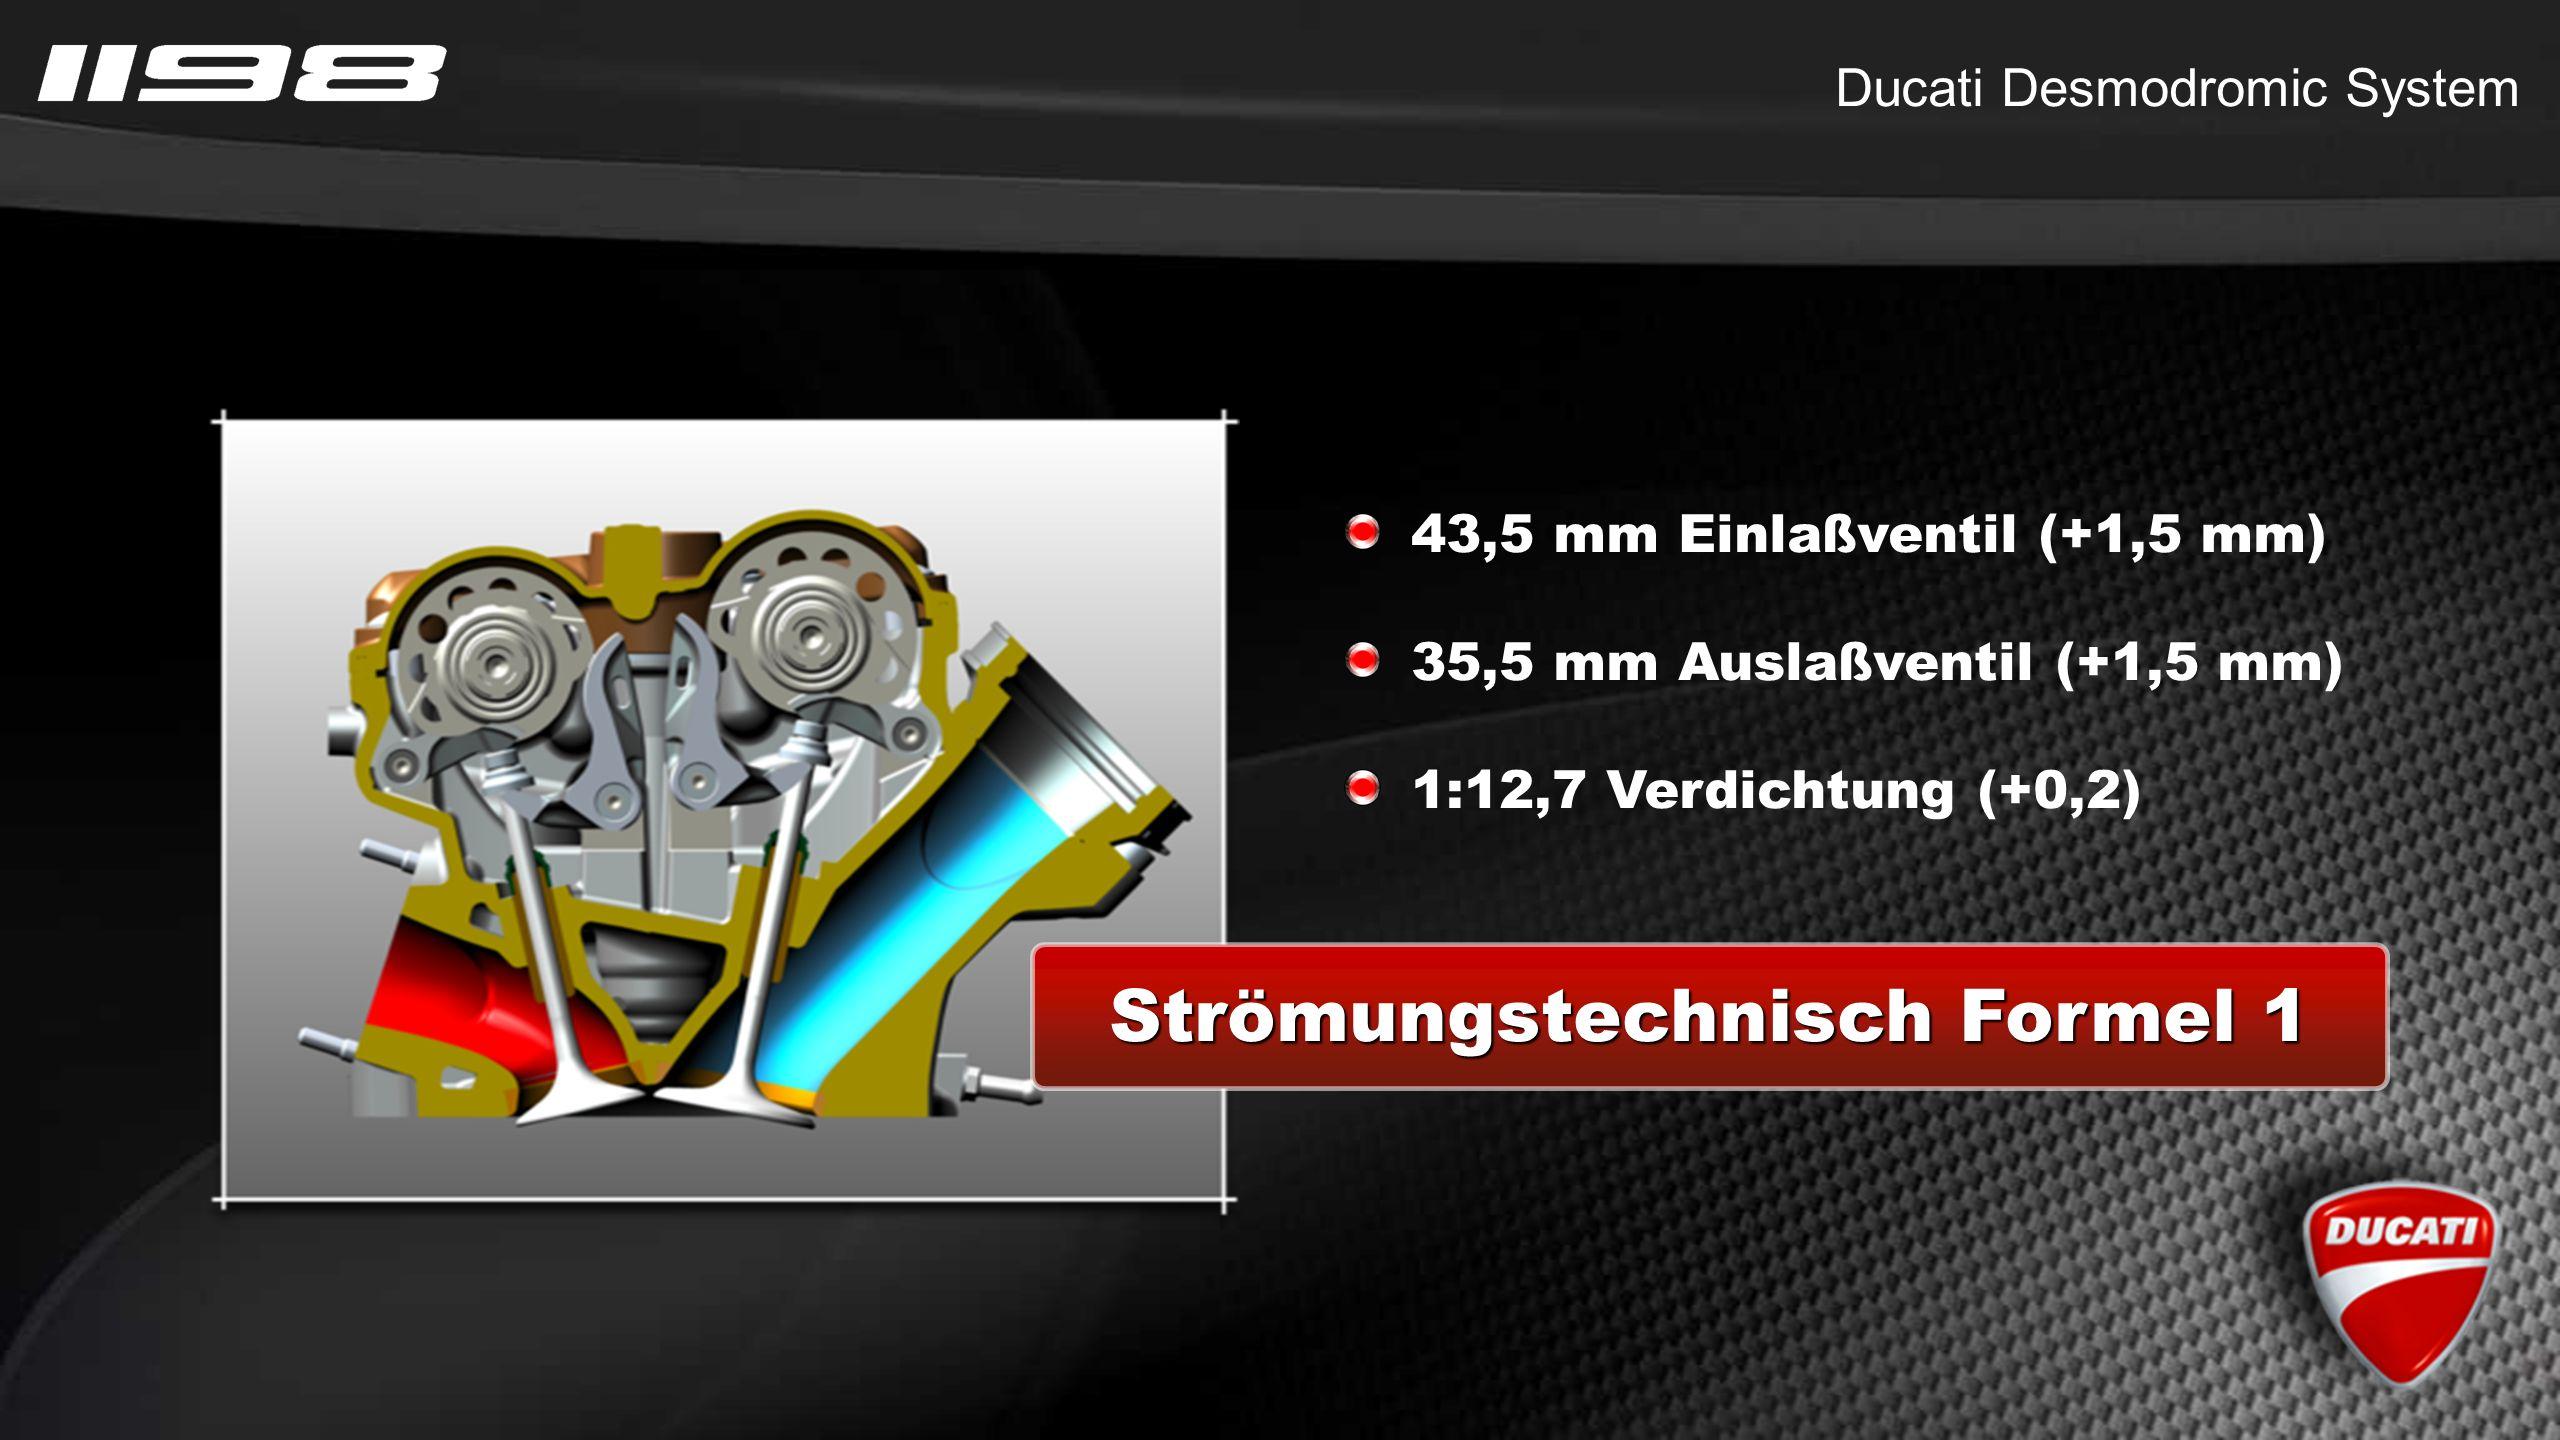 43,5 mm Einlaßventil (+1,5 mm) 35,5 mm Auslaßventil (+1,5 mm) 1:12,7 Verdichtung (+0,2) Strömungstechnisch Formel 1 Ducati Desmodromic System